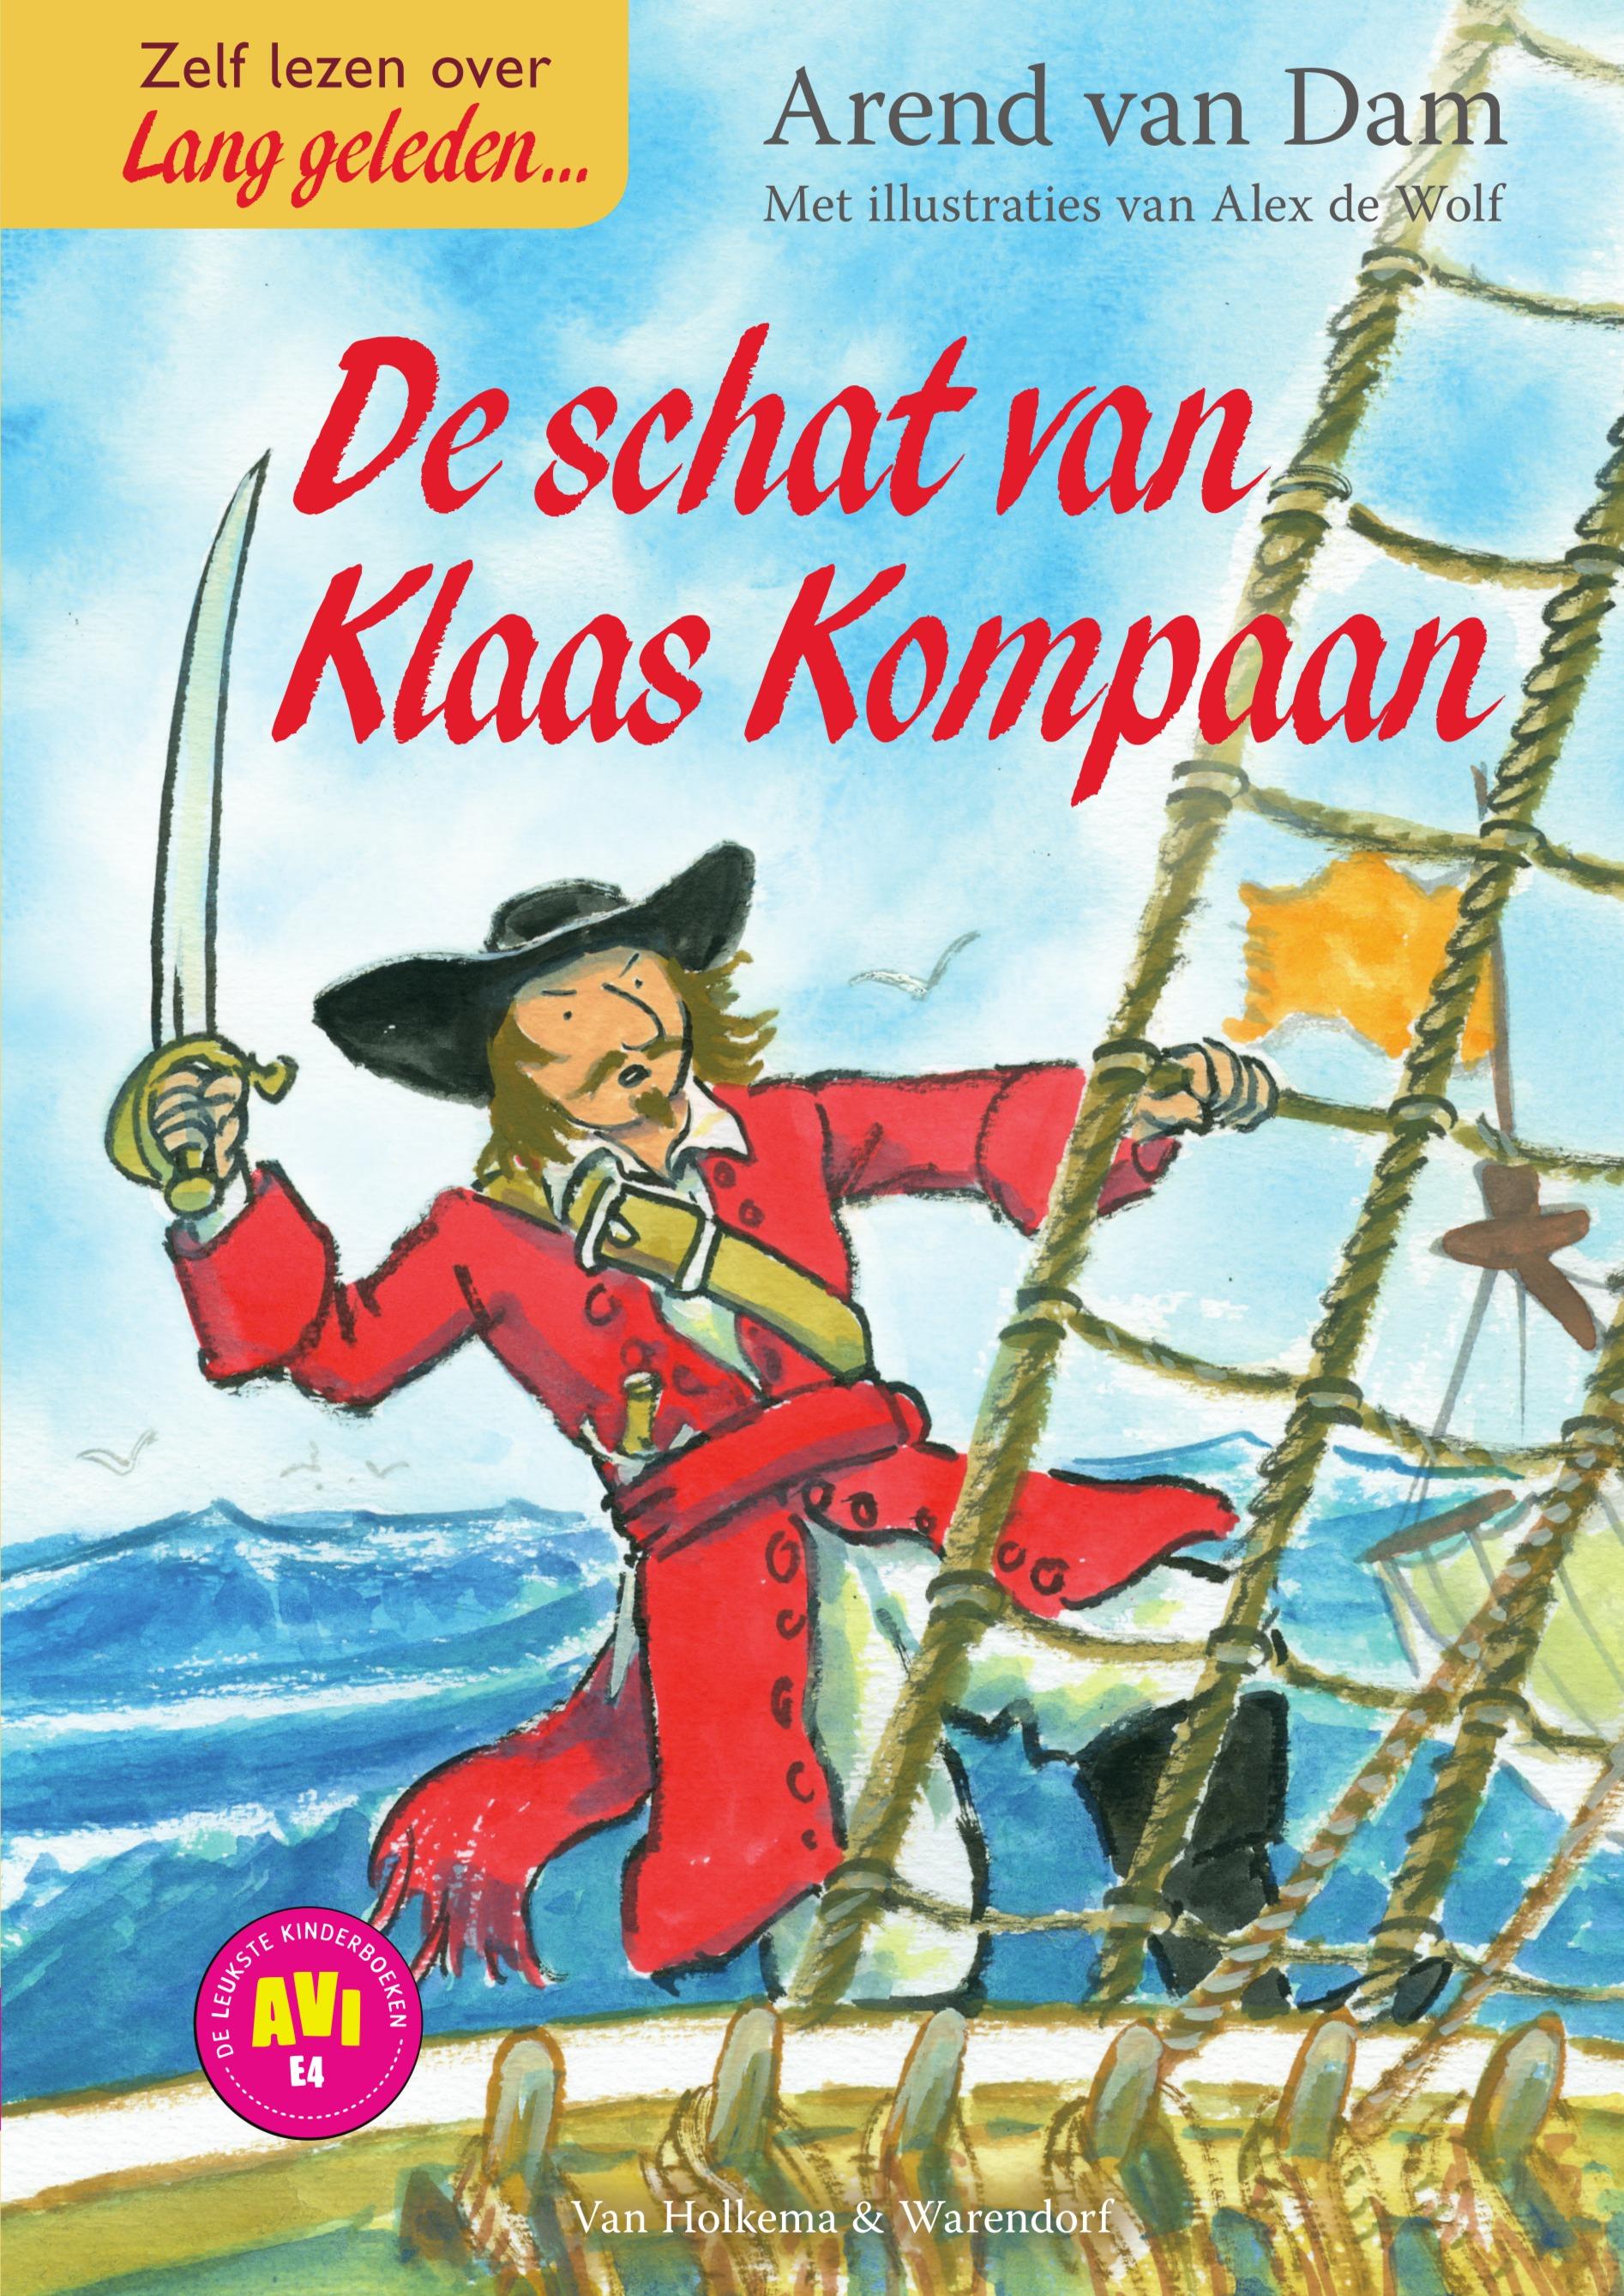 Review: De schat van Klaas Kompaan